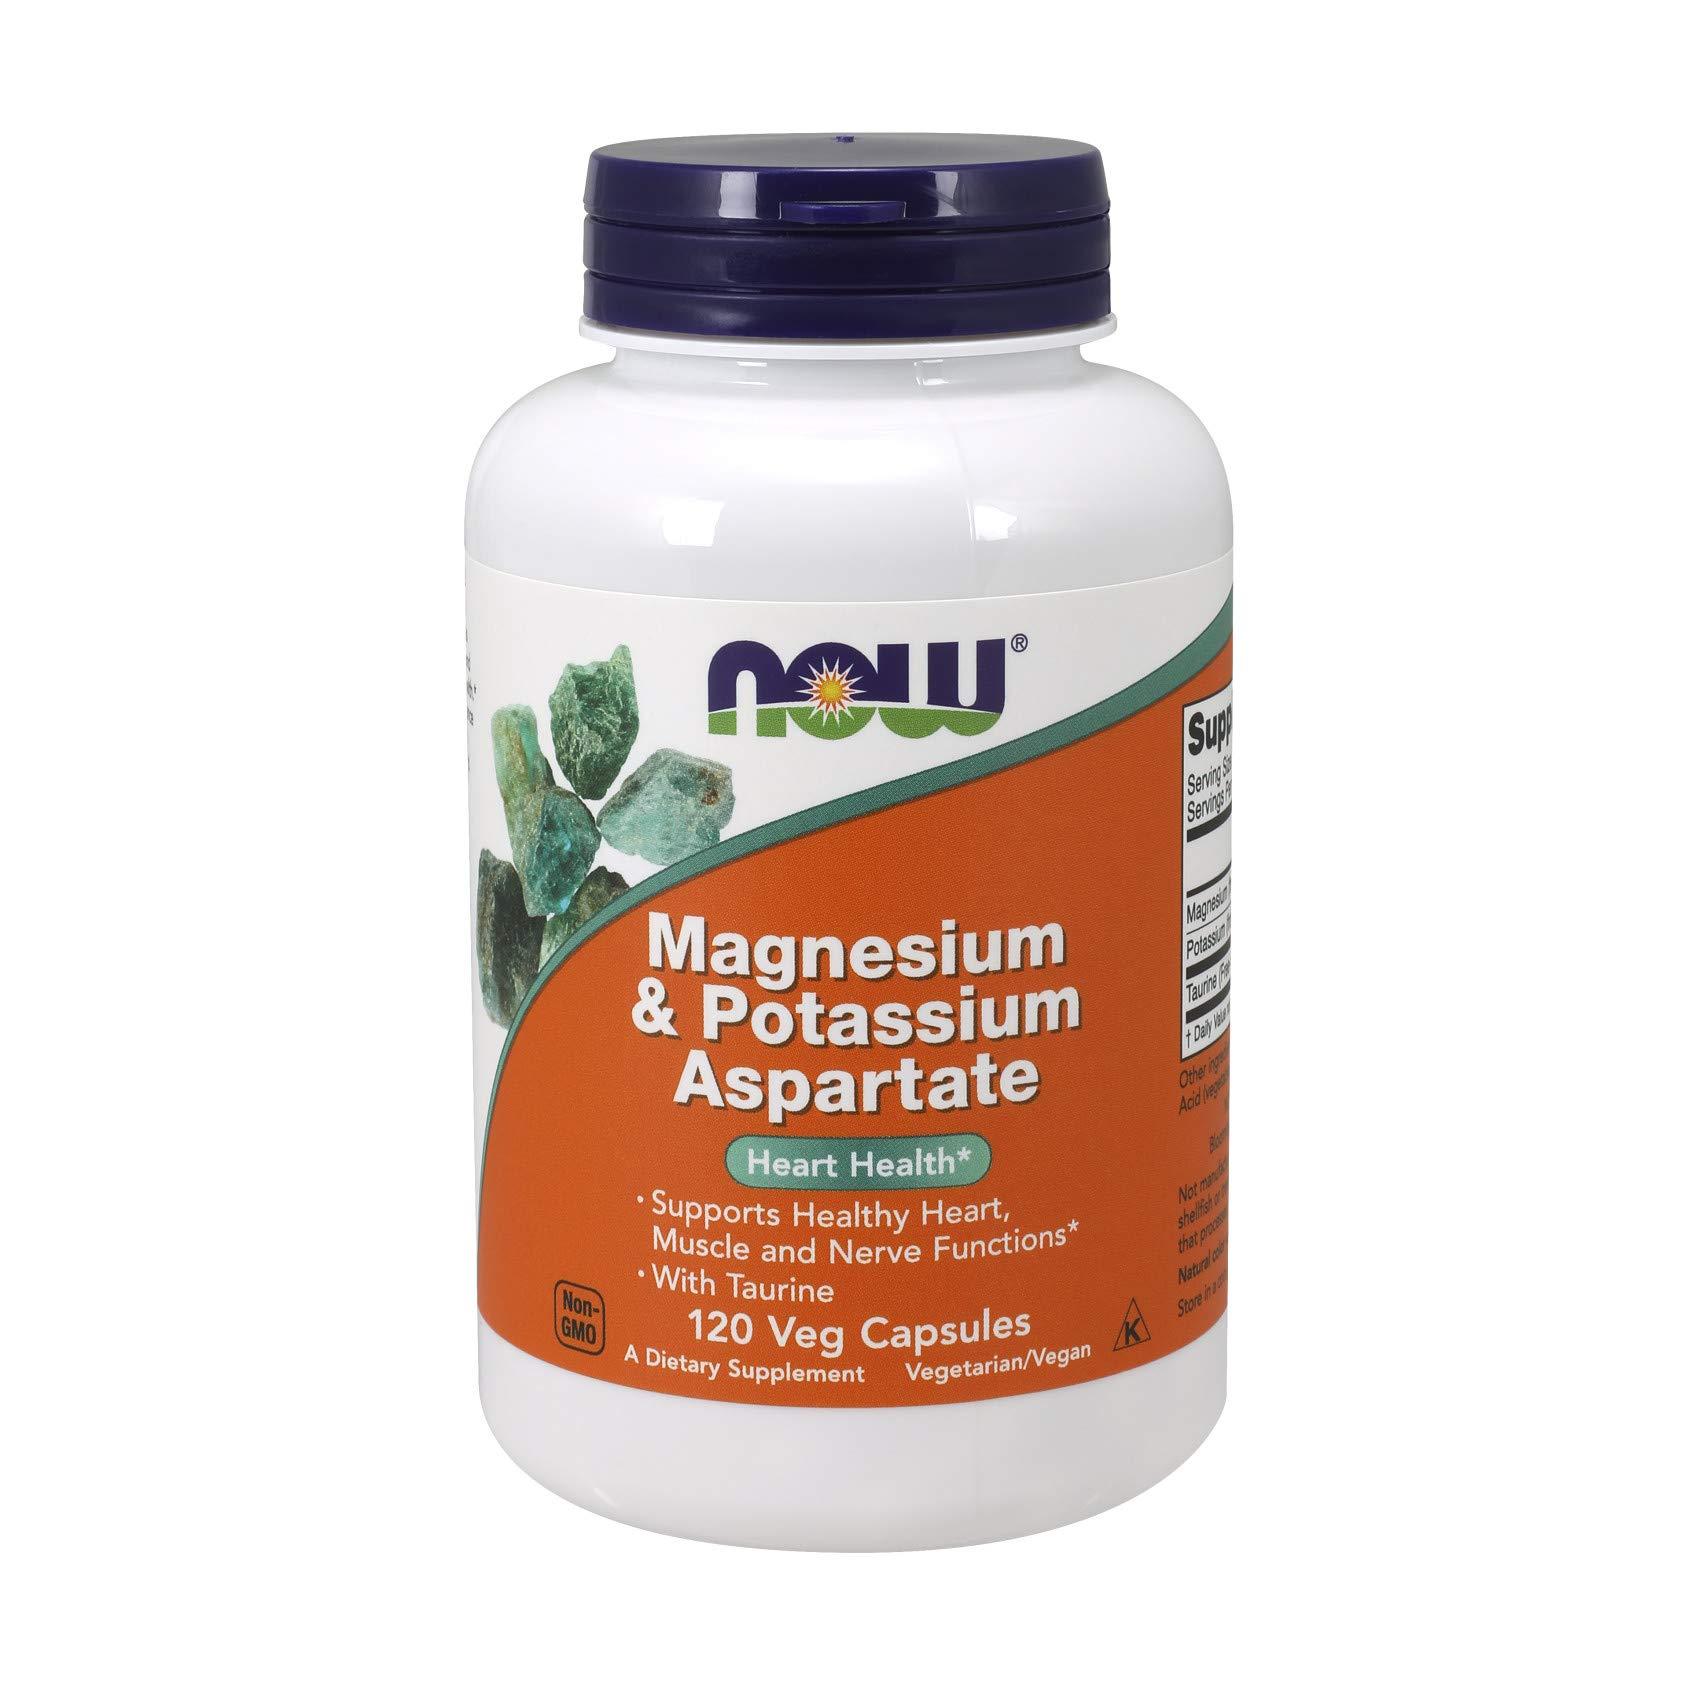 NOW Foods Supplements, Magnesium & Potassium Aspartate with Taurine, 120 Veg Capsules